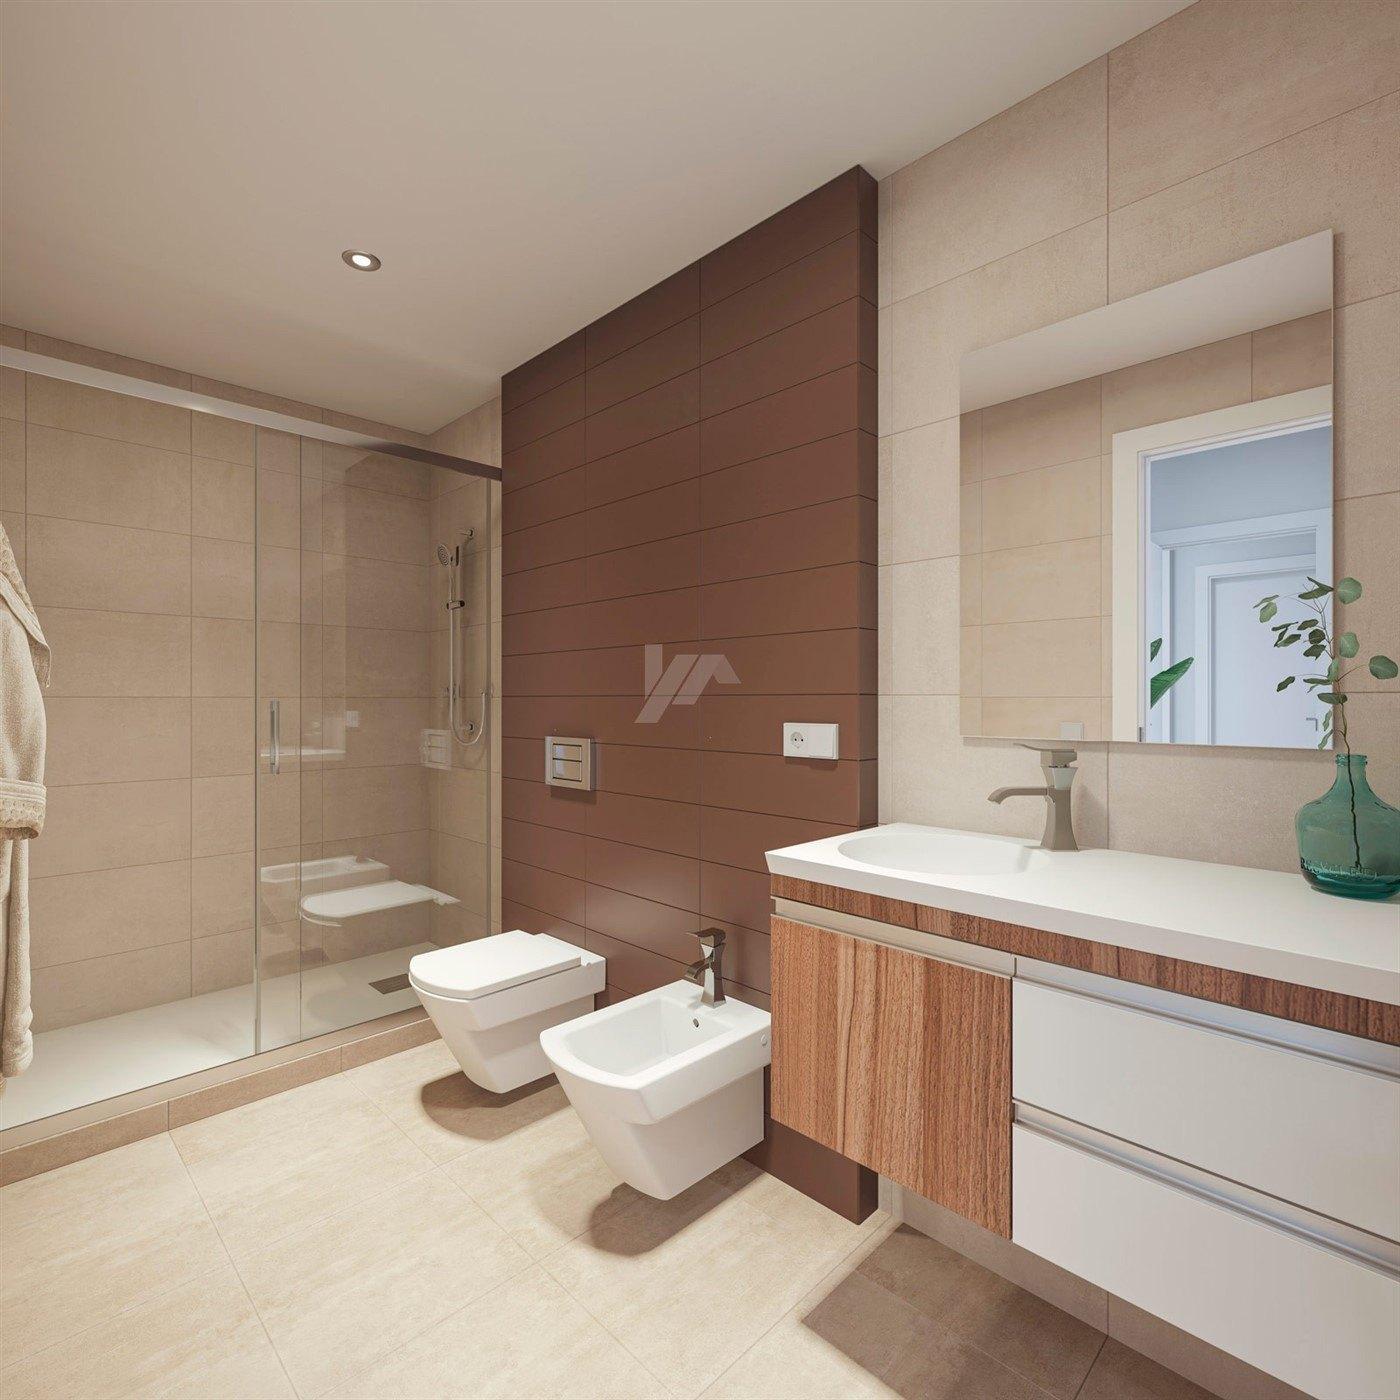 Nouvel appartement de construction à vendre à Moraira, Costa Blanca.